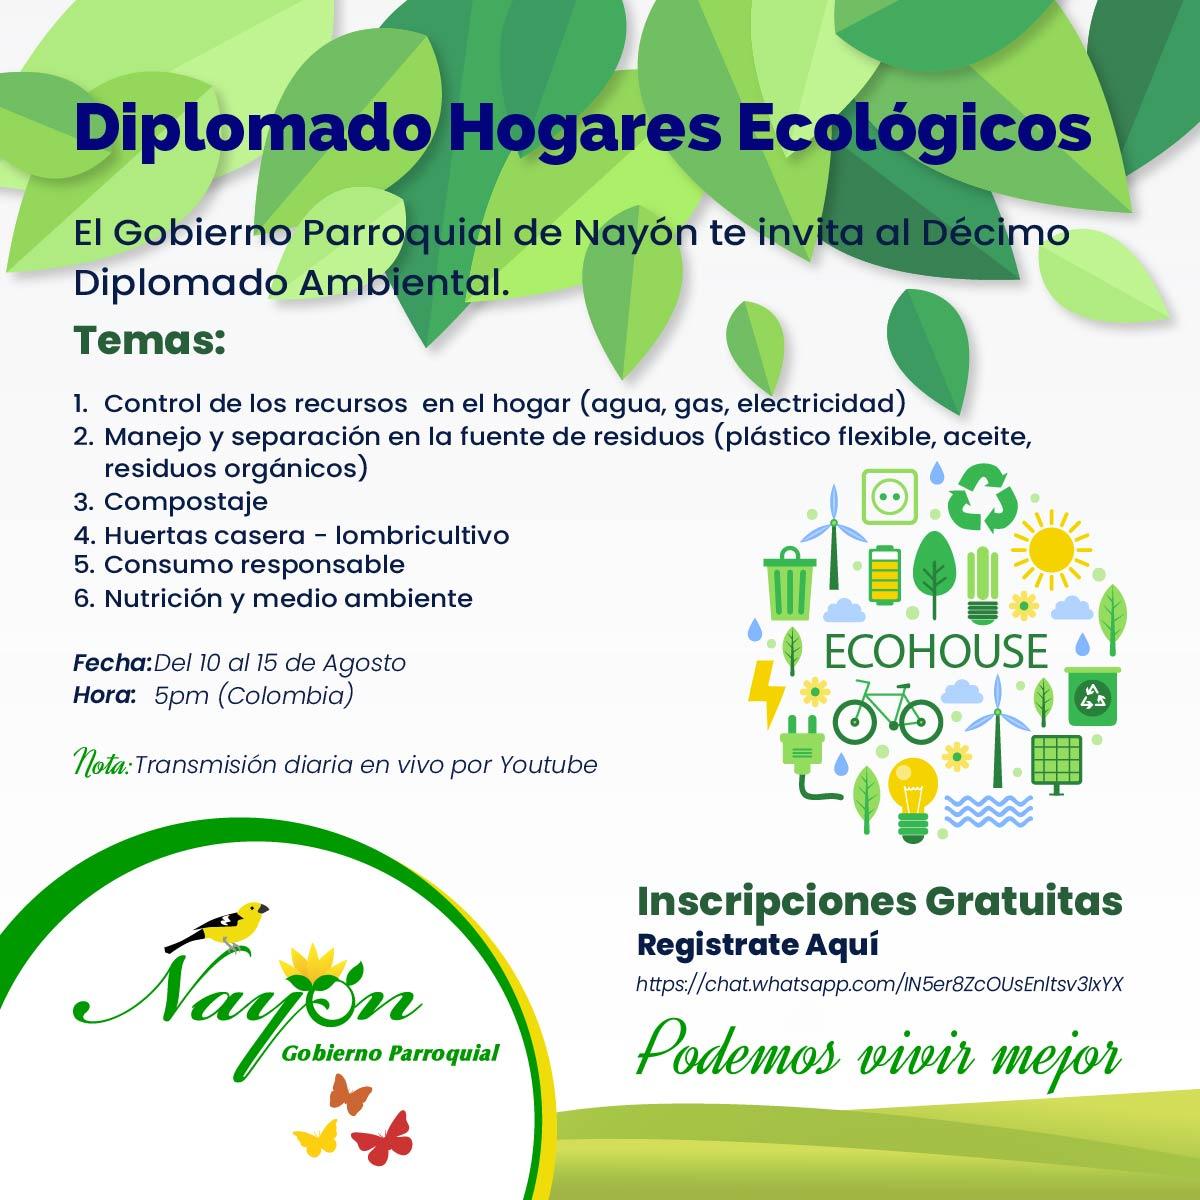 Hogares Ecológicos